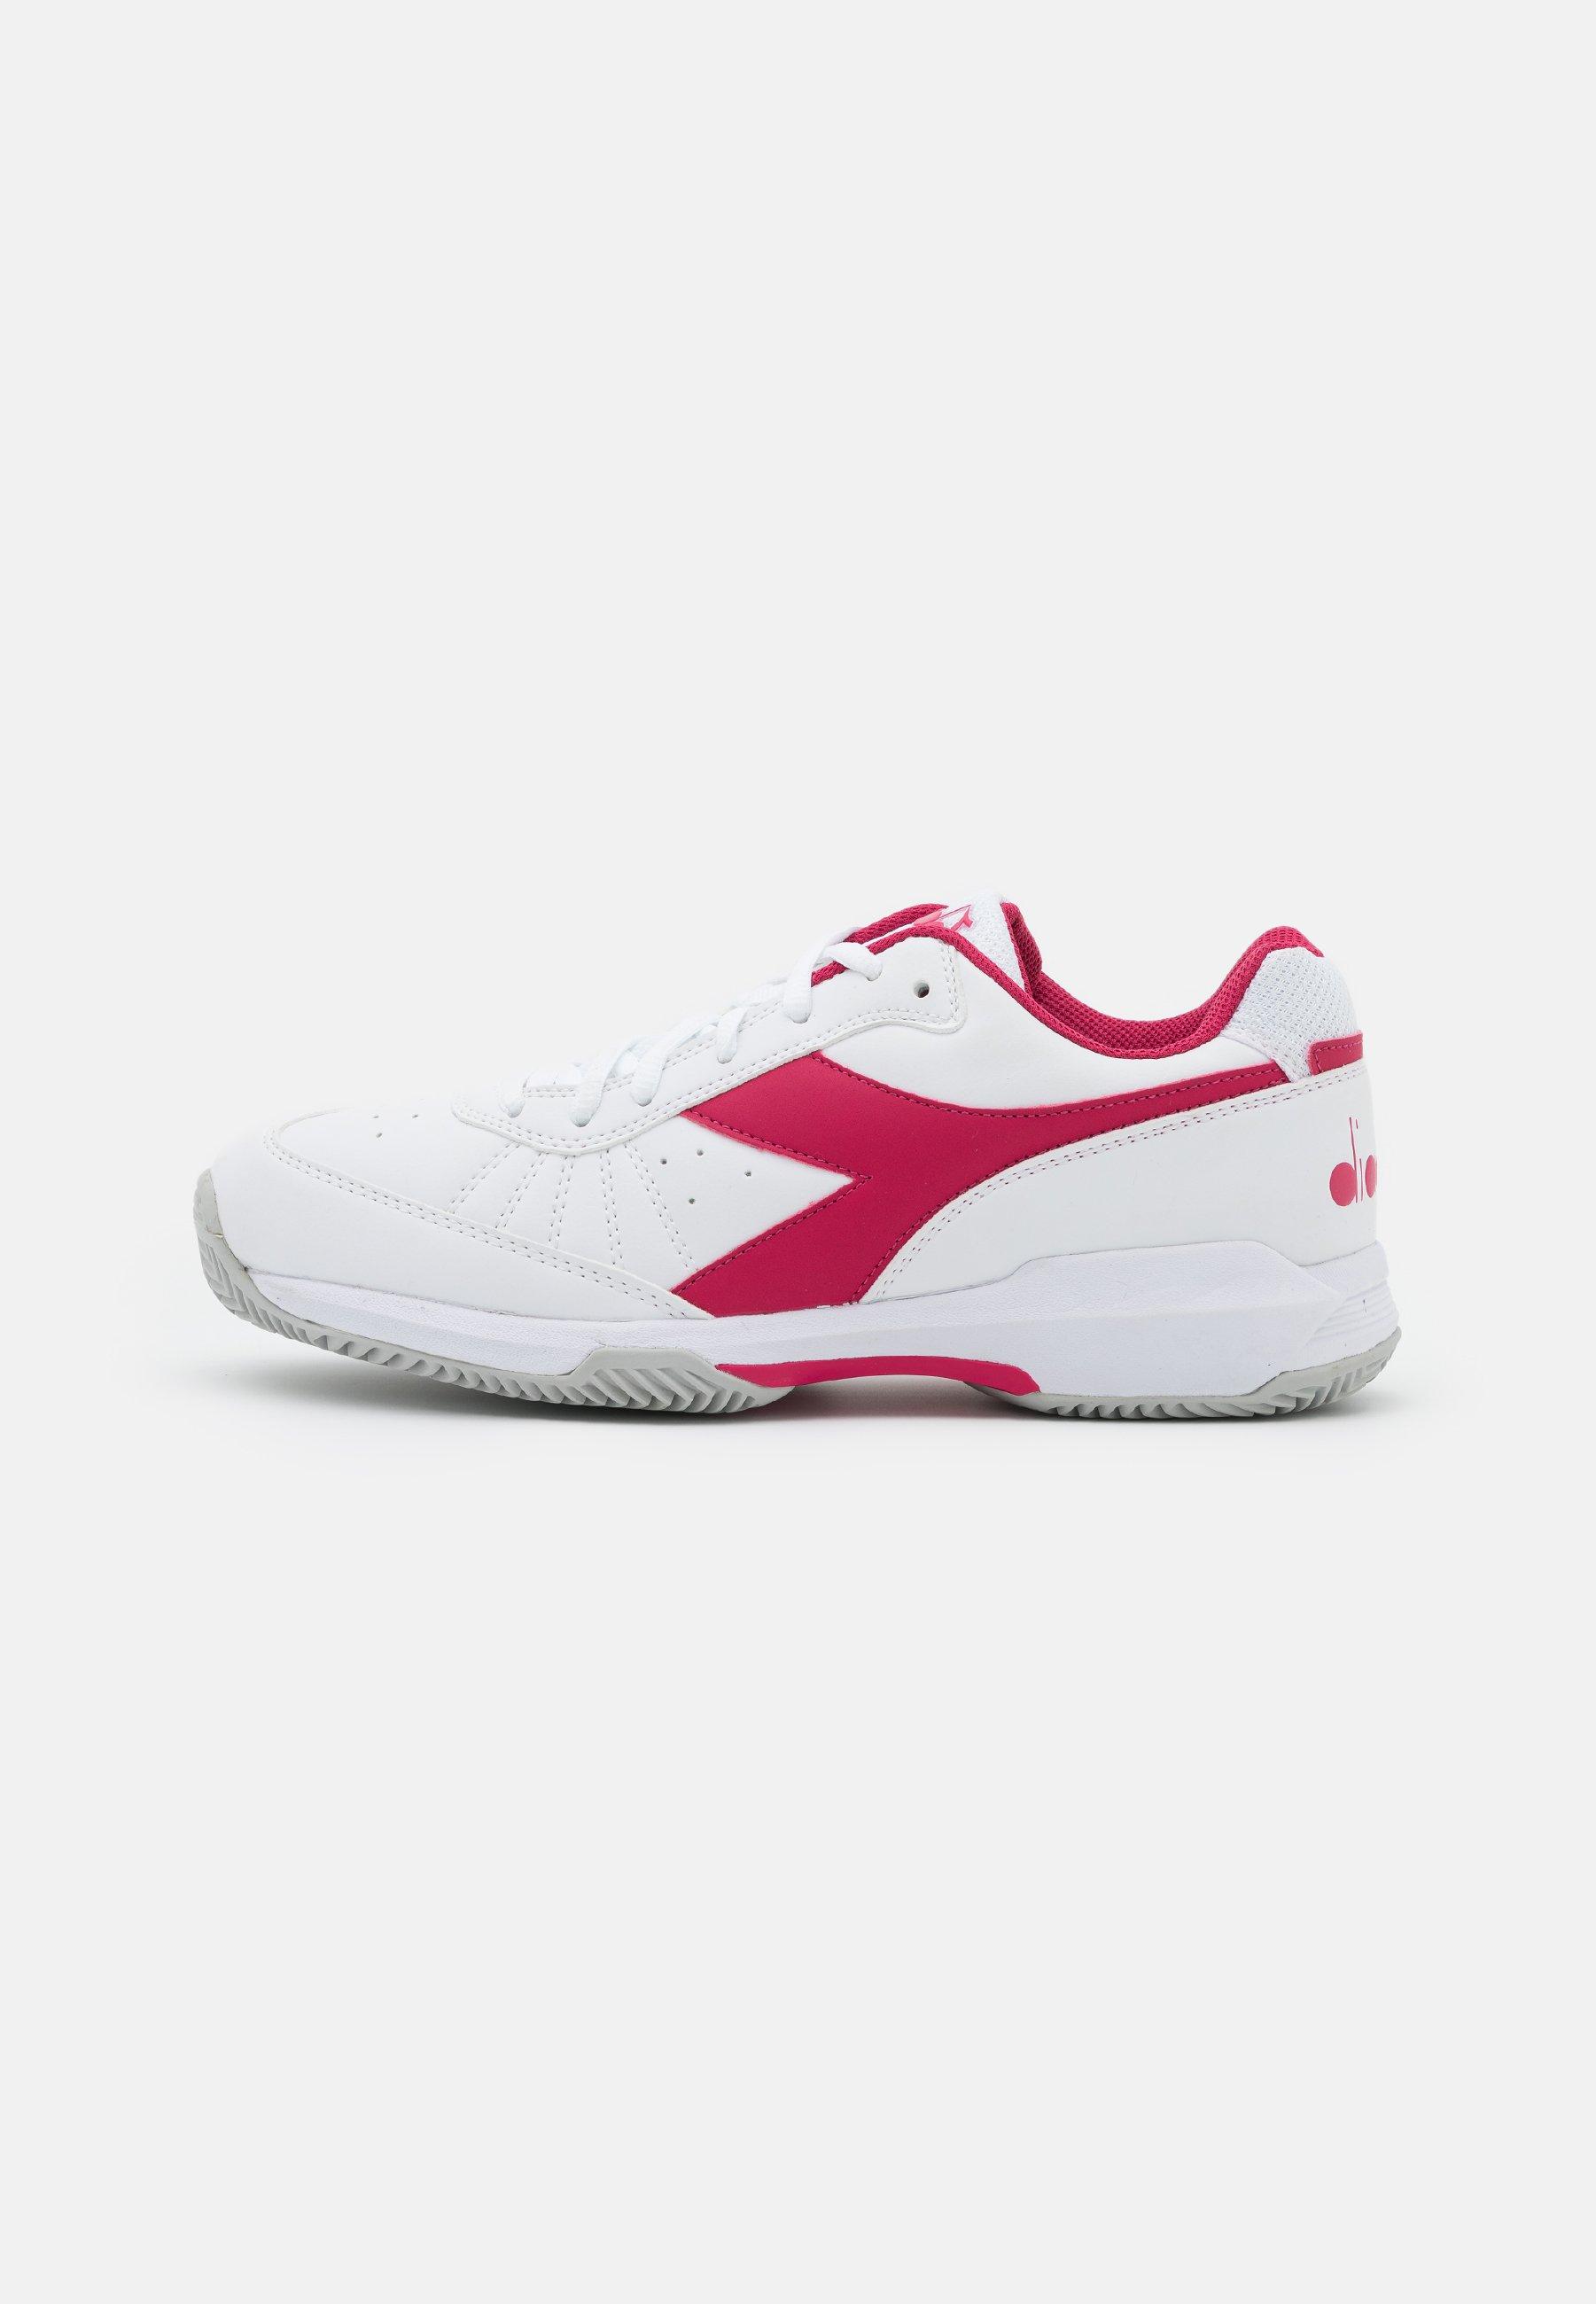 Femme S. CHALLENGE 3 CLAY - Chaussures de tennis pour terre-battueerre battue